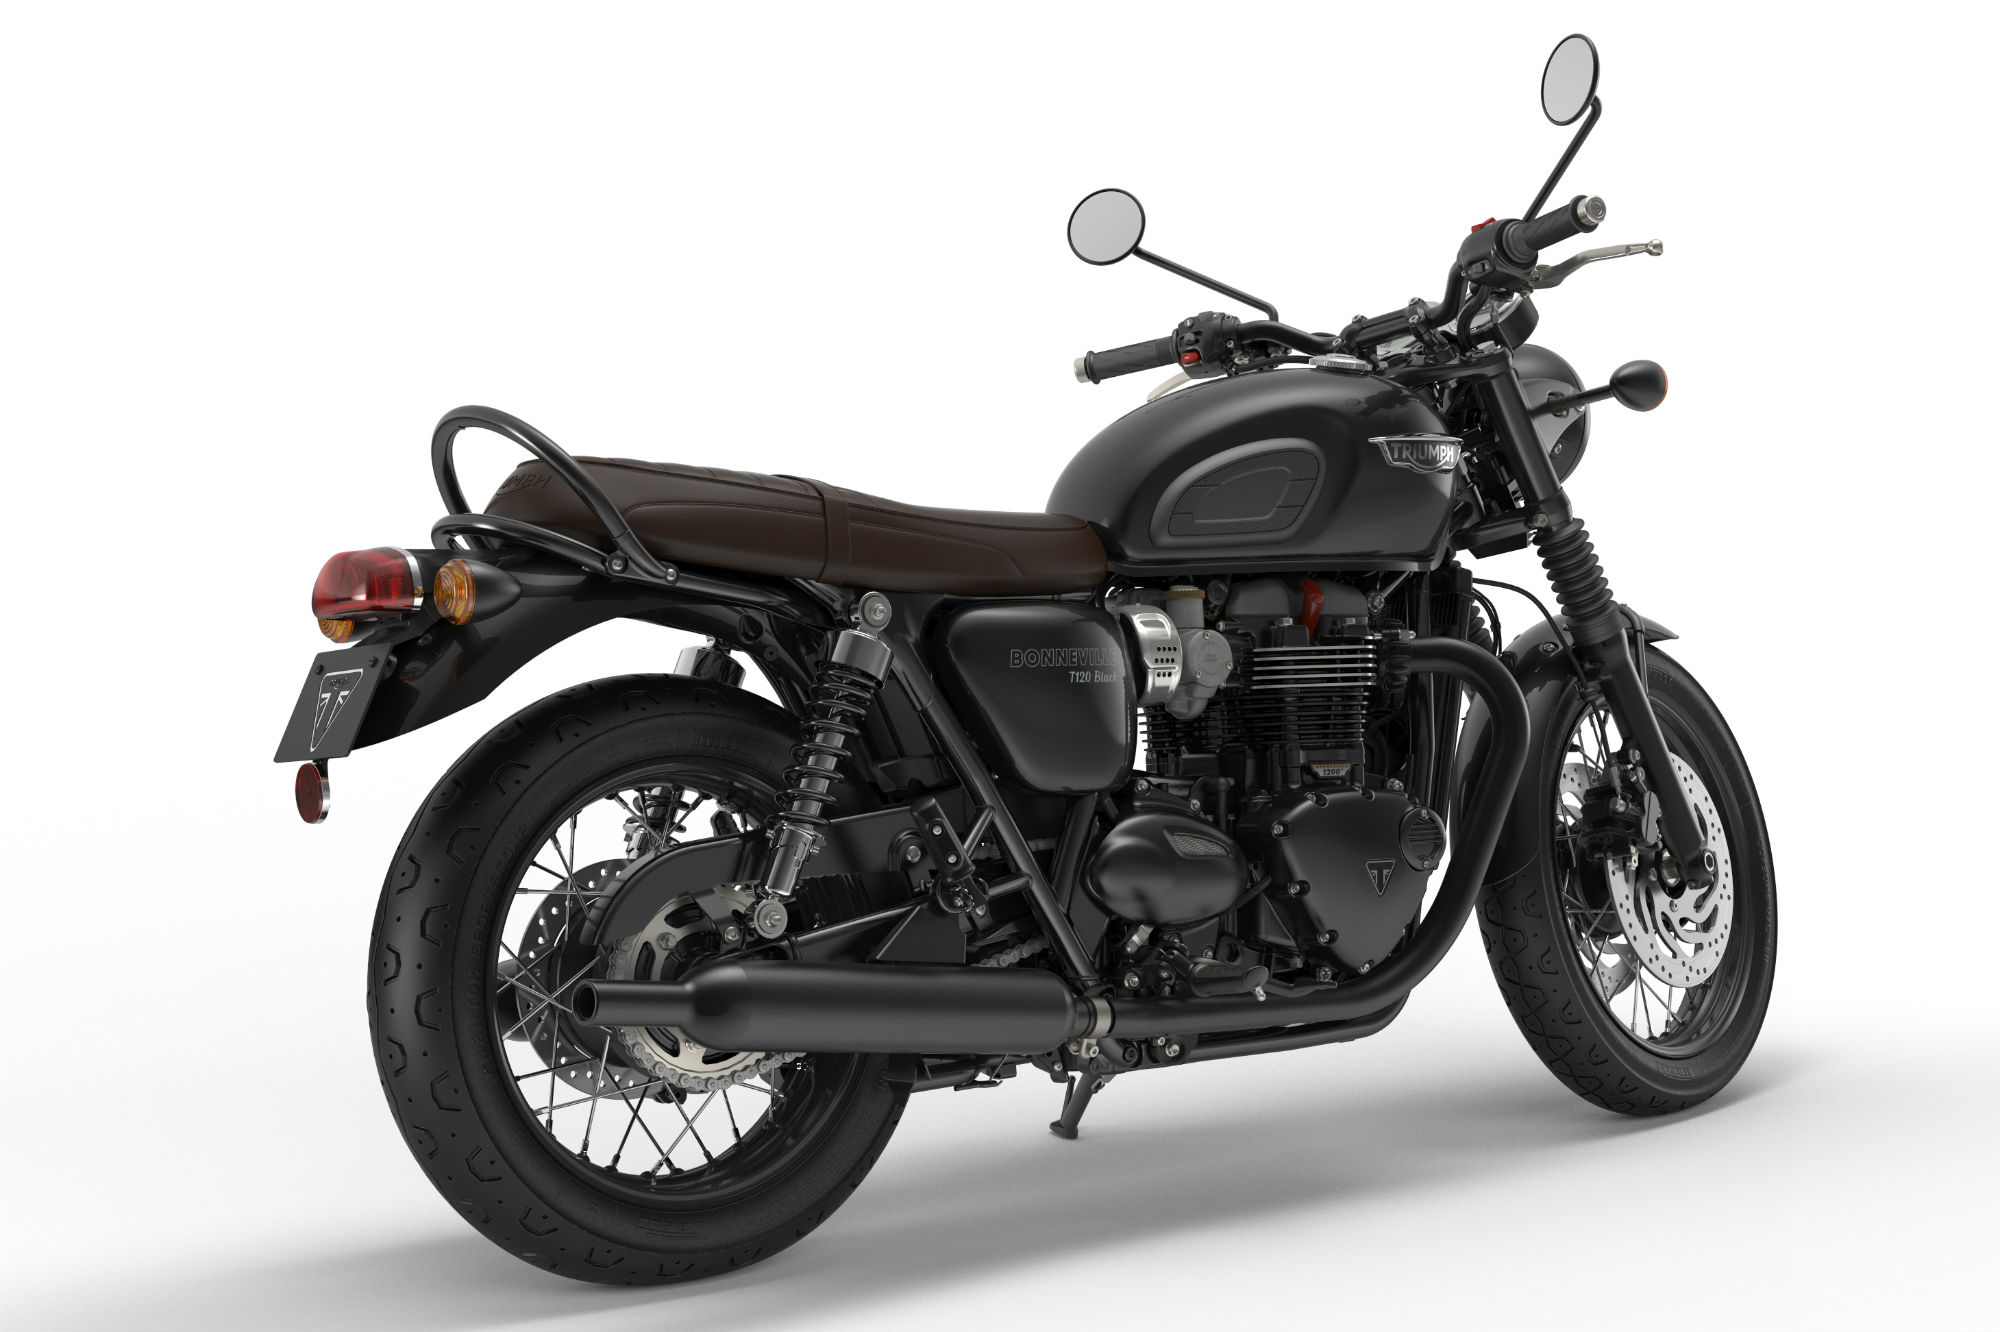 Triumph Bonneville T120 Black Idea Di Immagine Del Motociclo